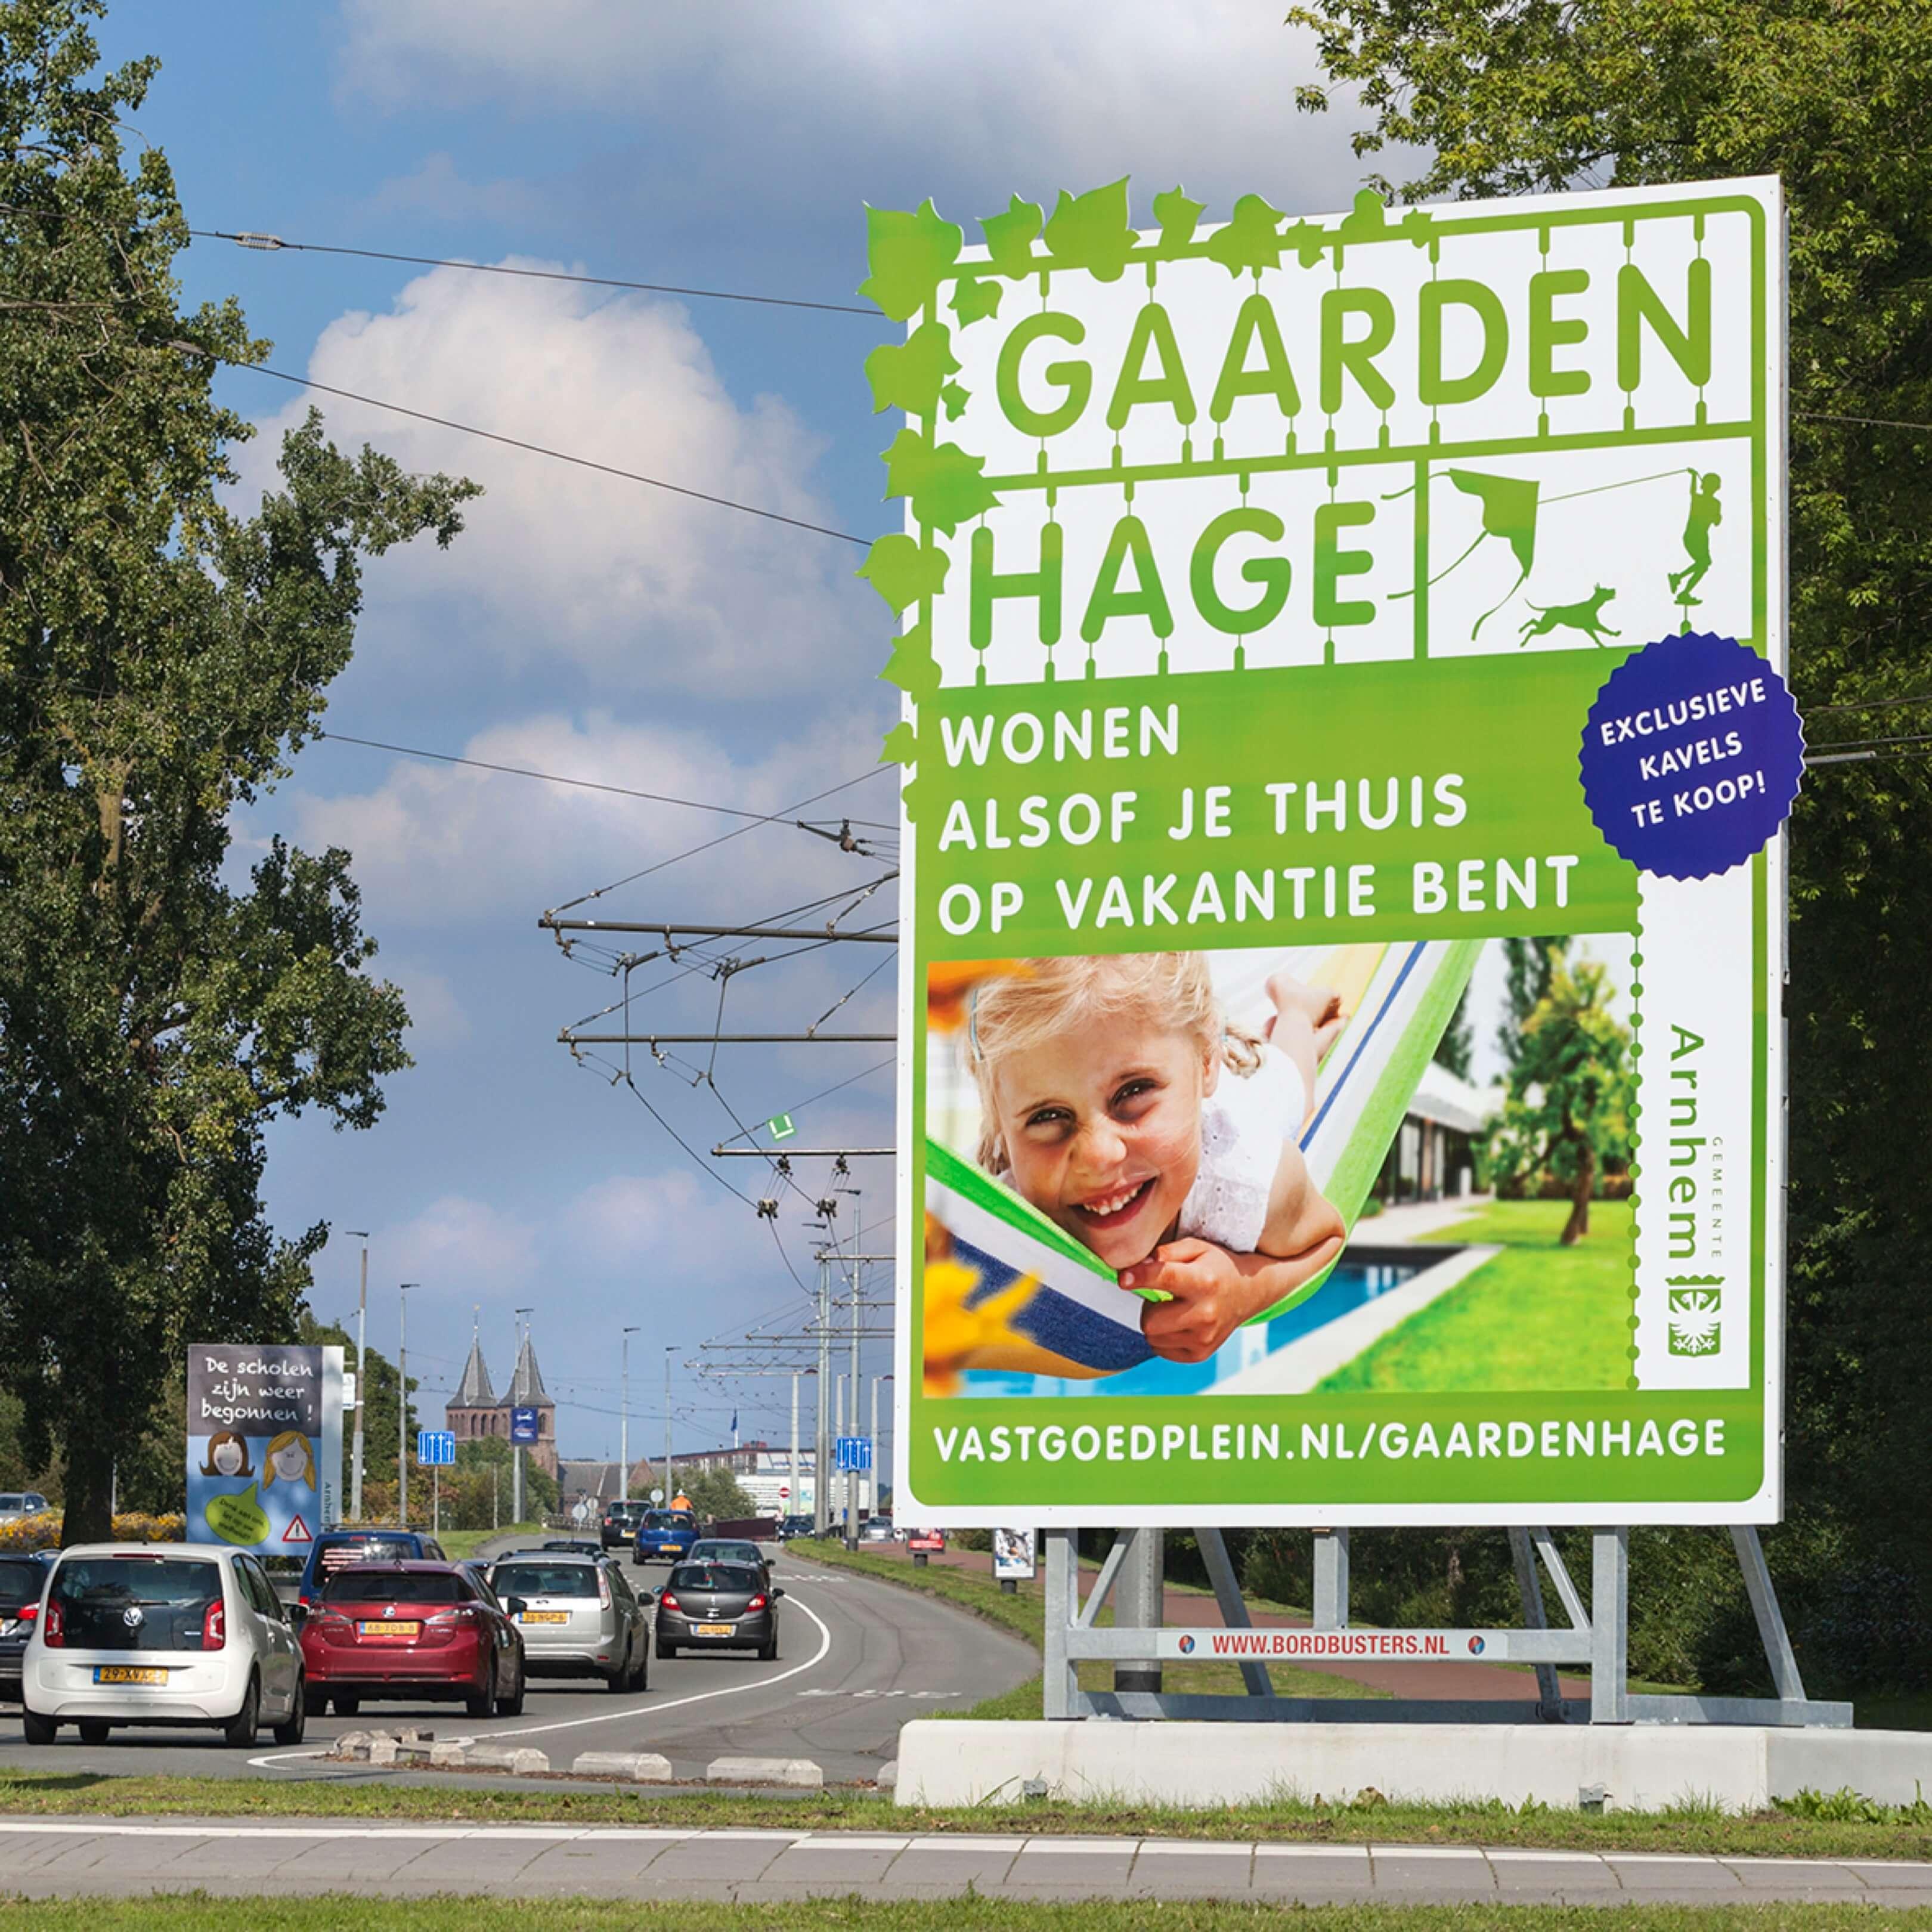 Jurjen Poeles Fotografie billboard Gaardenhage gemeente Arnhem Vastgoedplein vastgoed vastgoedproject lifestyle grootformaat